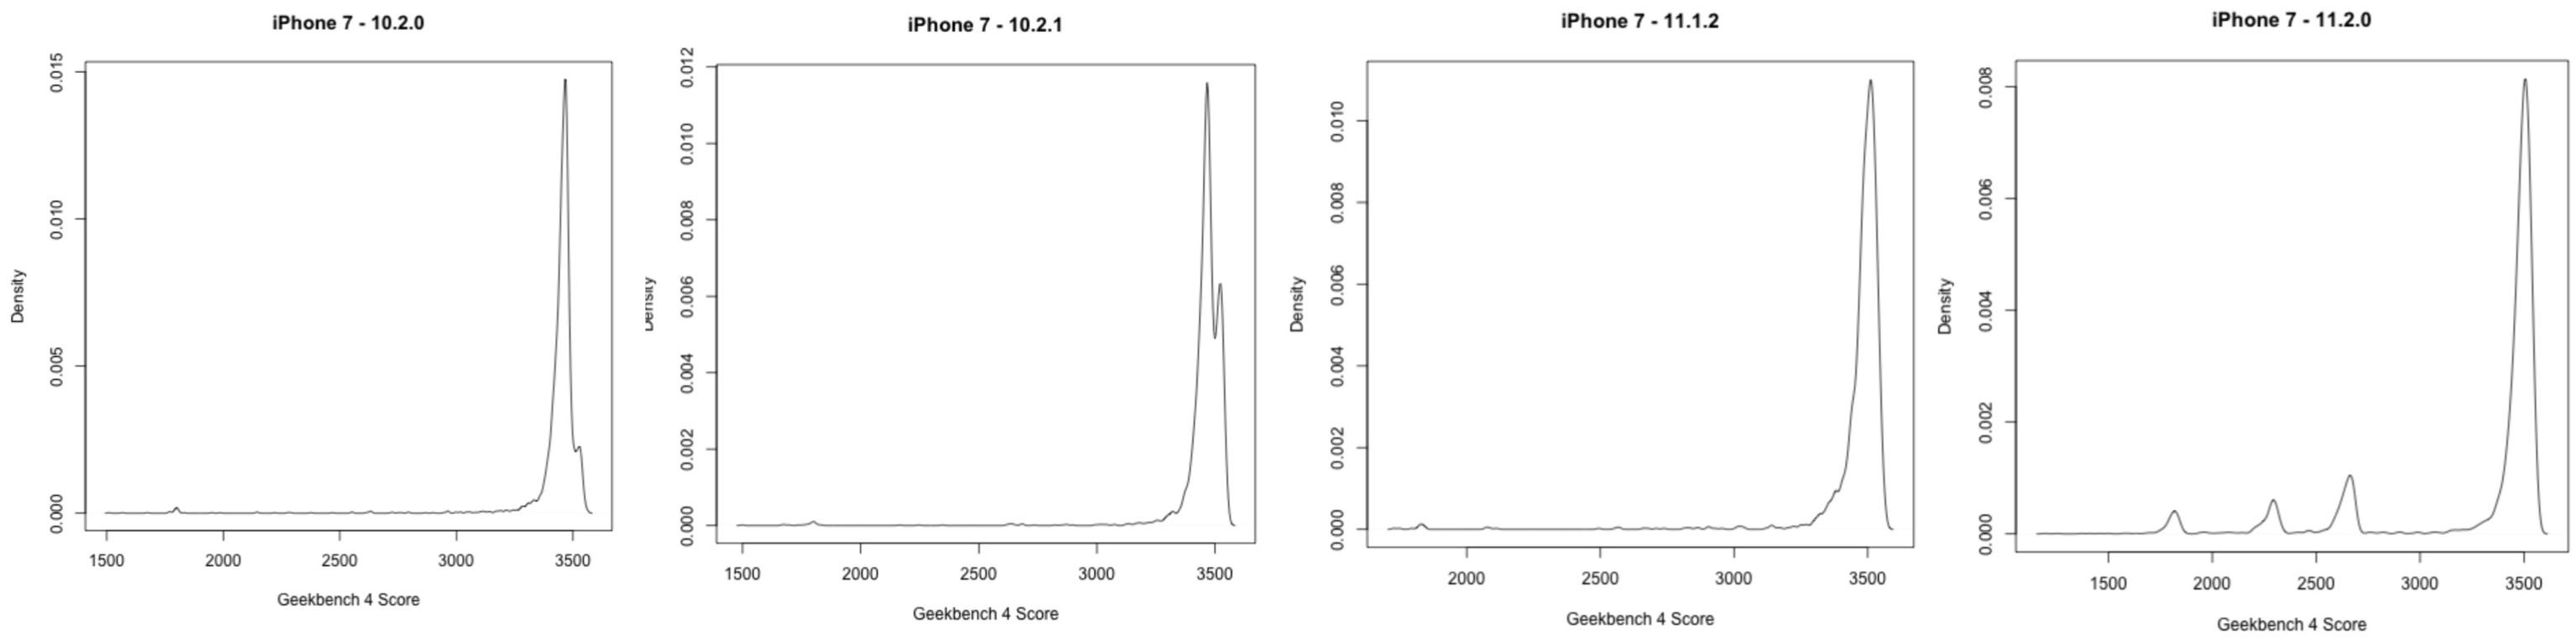 Teste de bateria com o iPhone 7